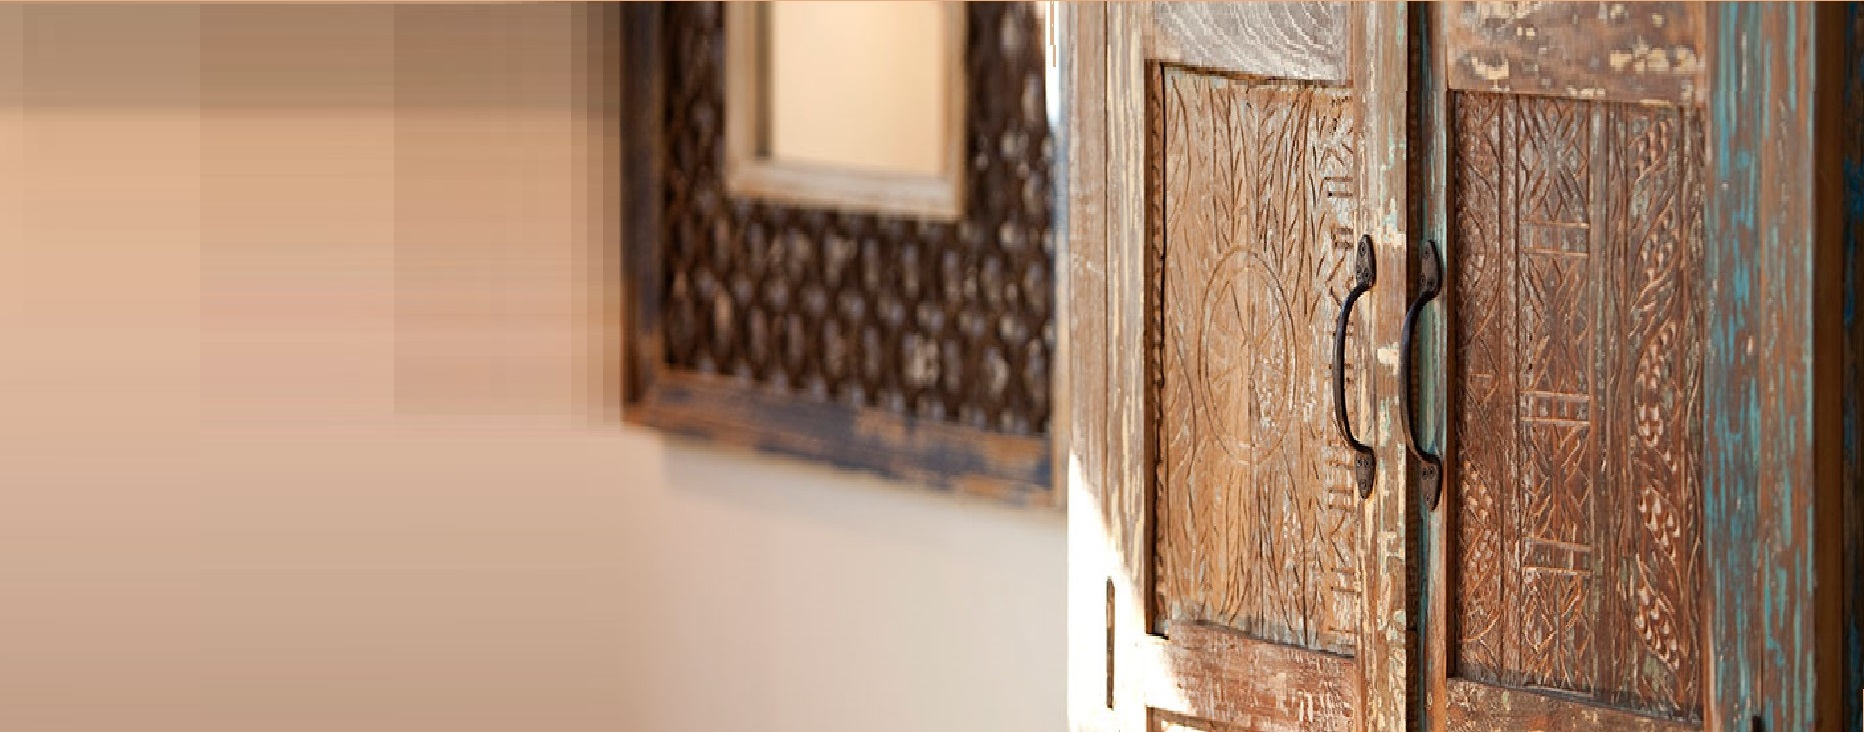 Tiendas De Muebles En Las Rozas Finest Tienda Muebles Madrid With  # Muebles Las Rozas